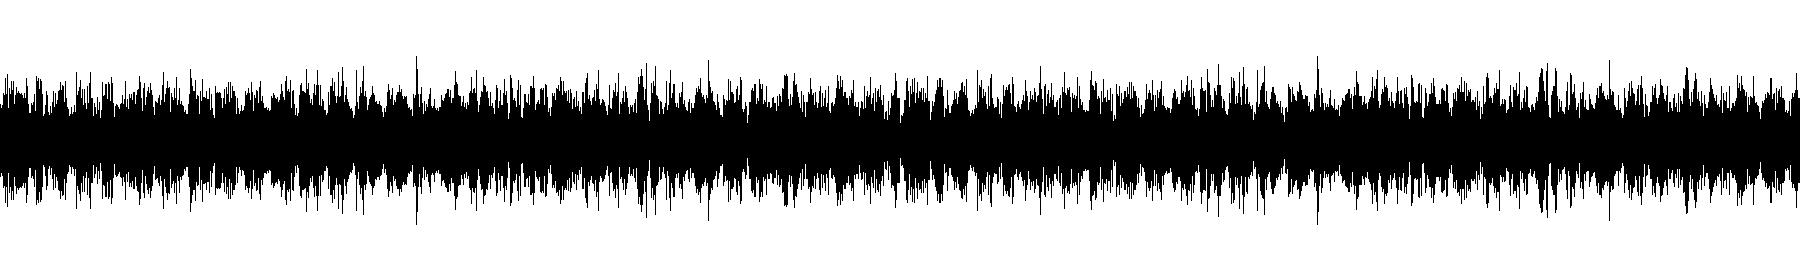 tfx texture 04